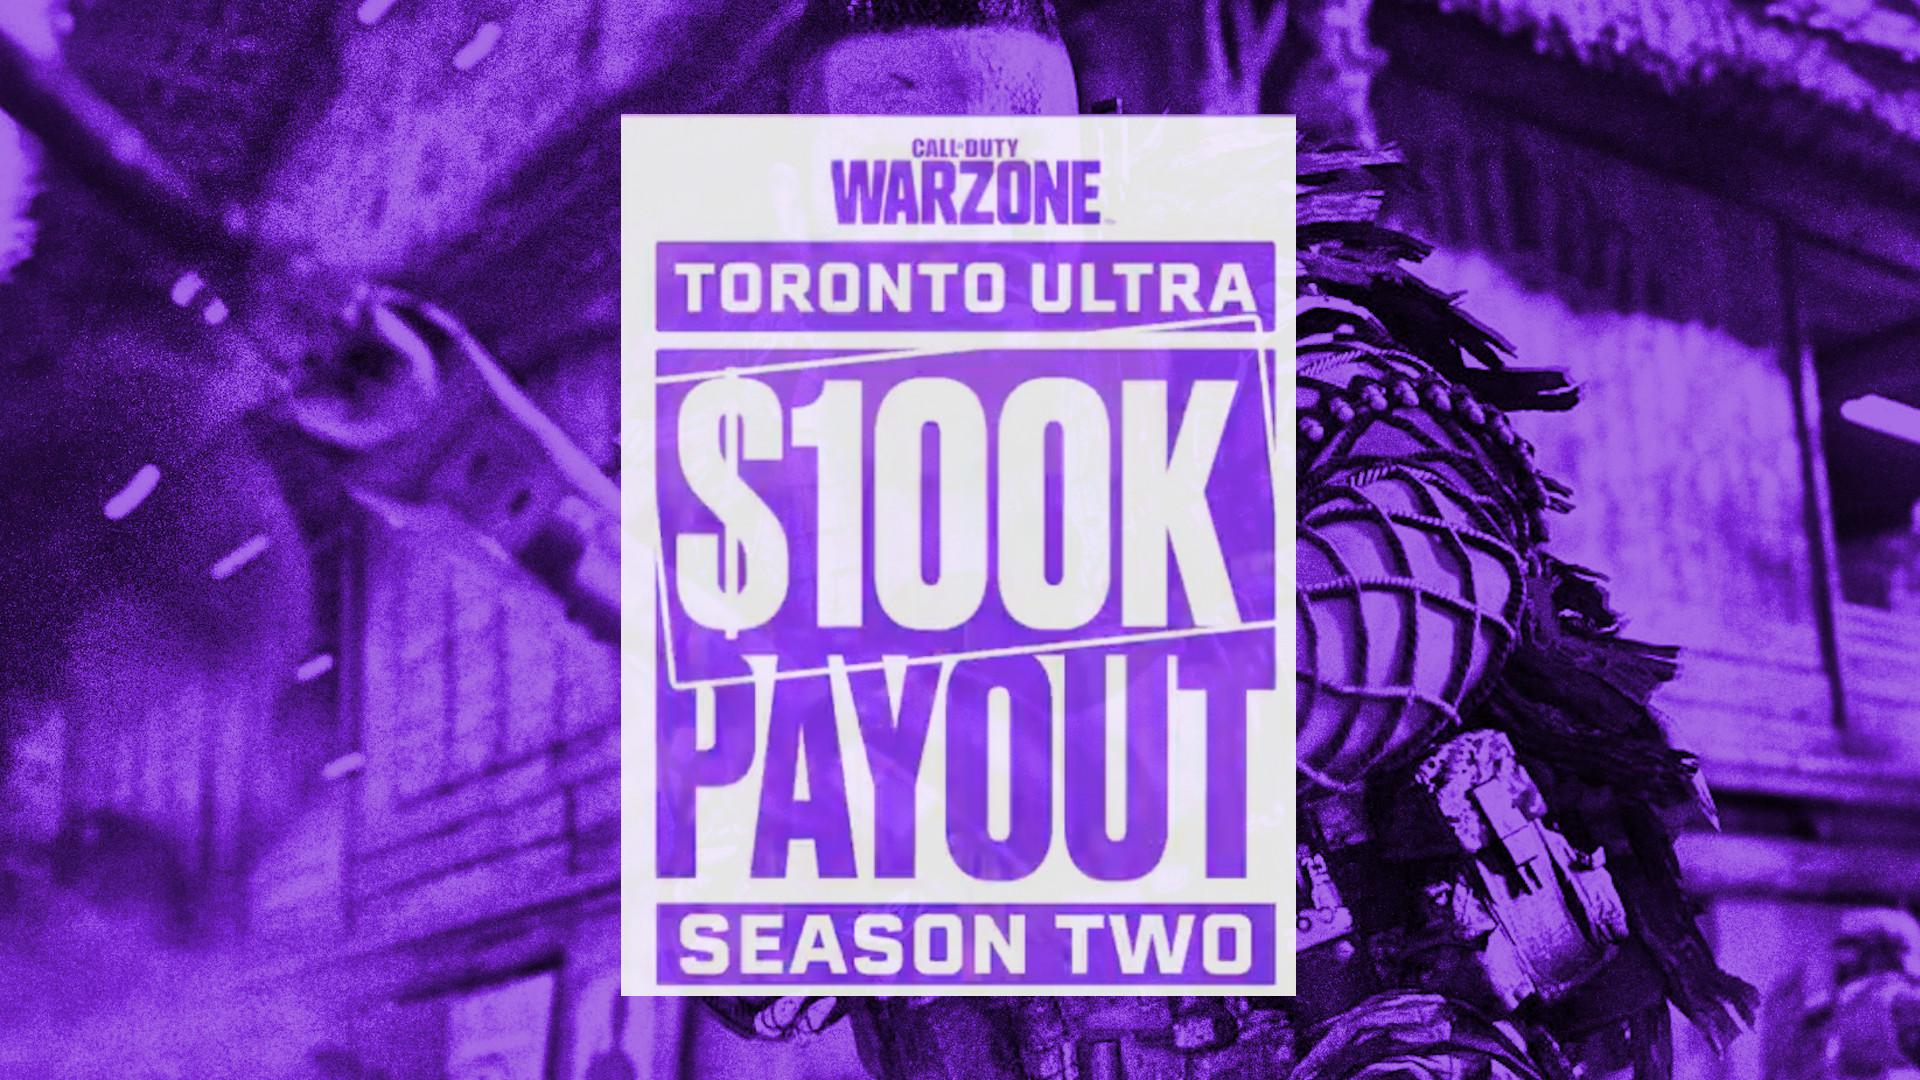 toronto ultra warzone tournament season 2